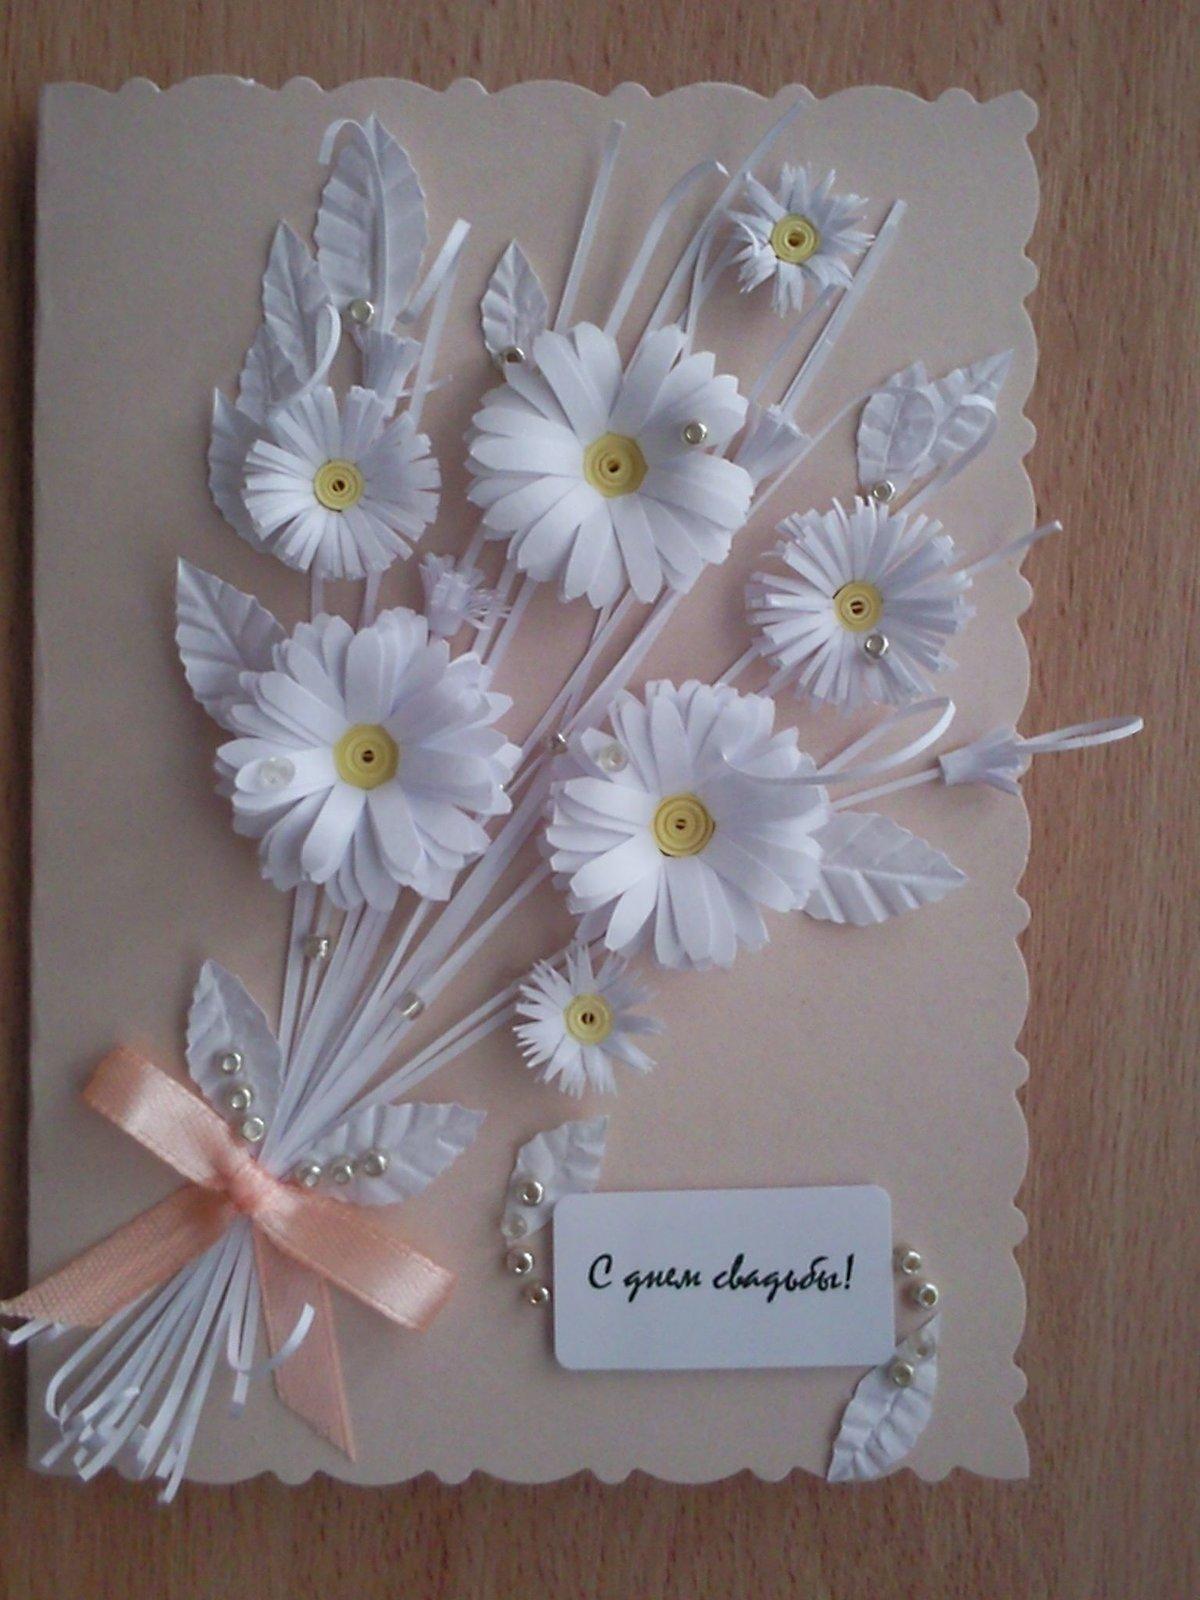 Открытки своими руками на день учителя мастер класс из бумаги цветы, днем